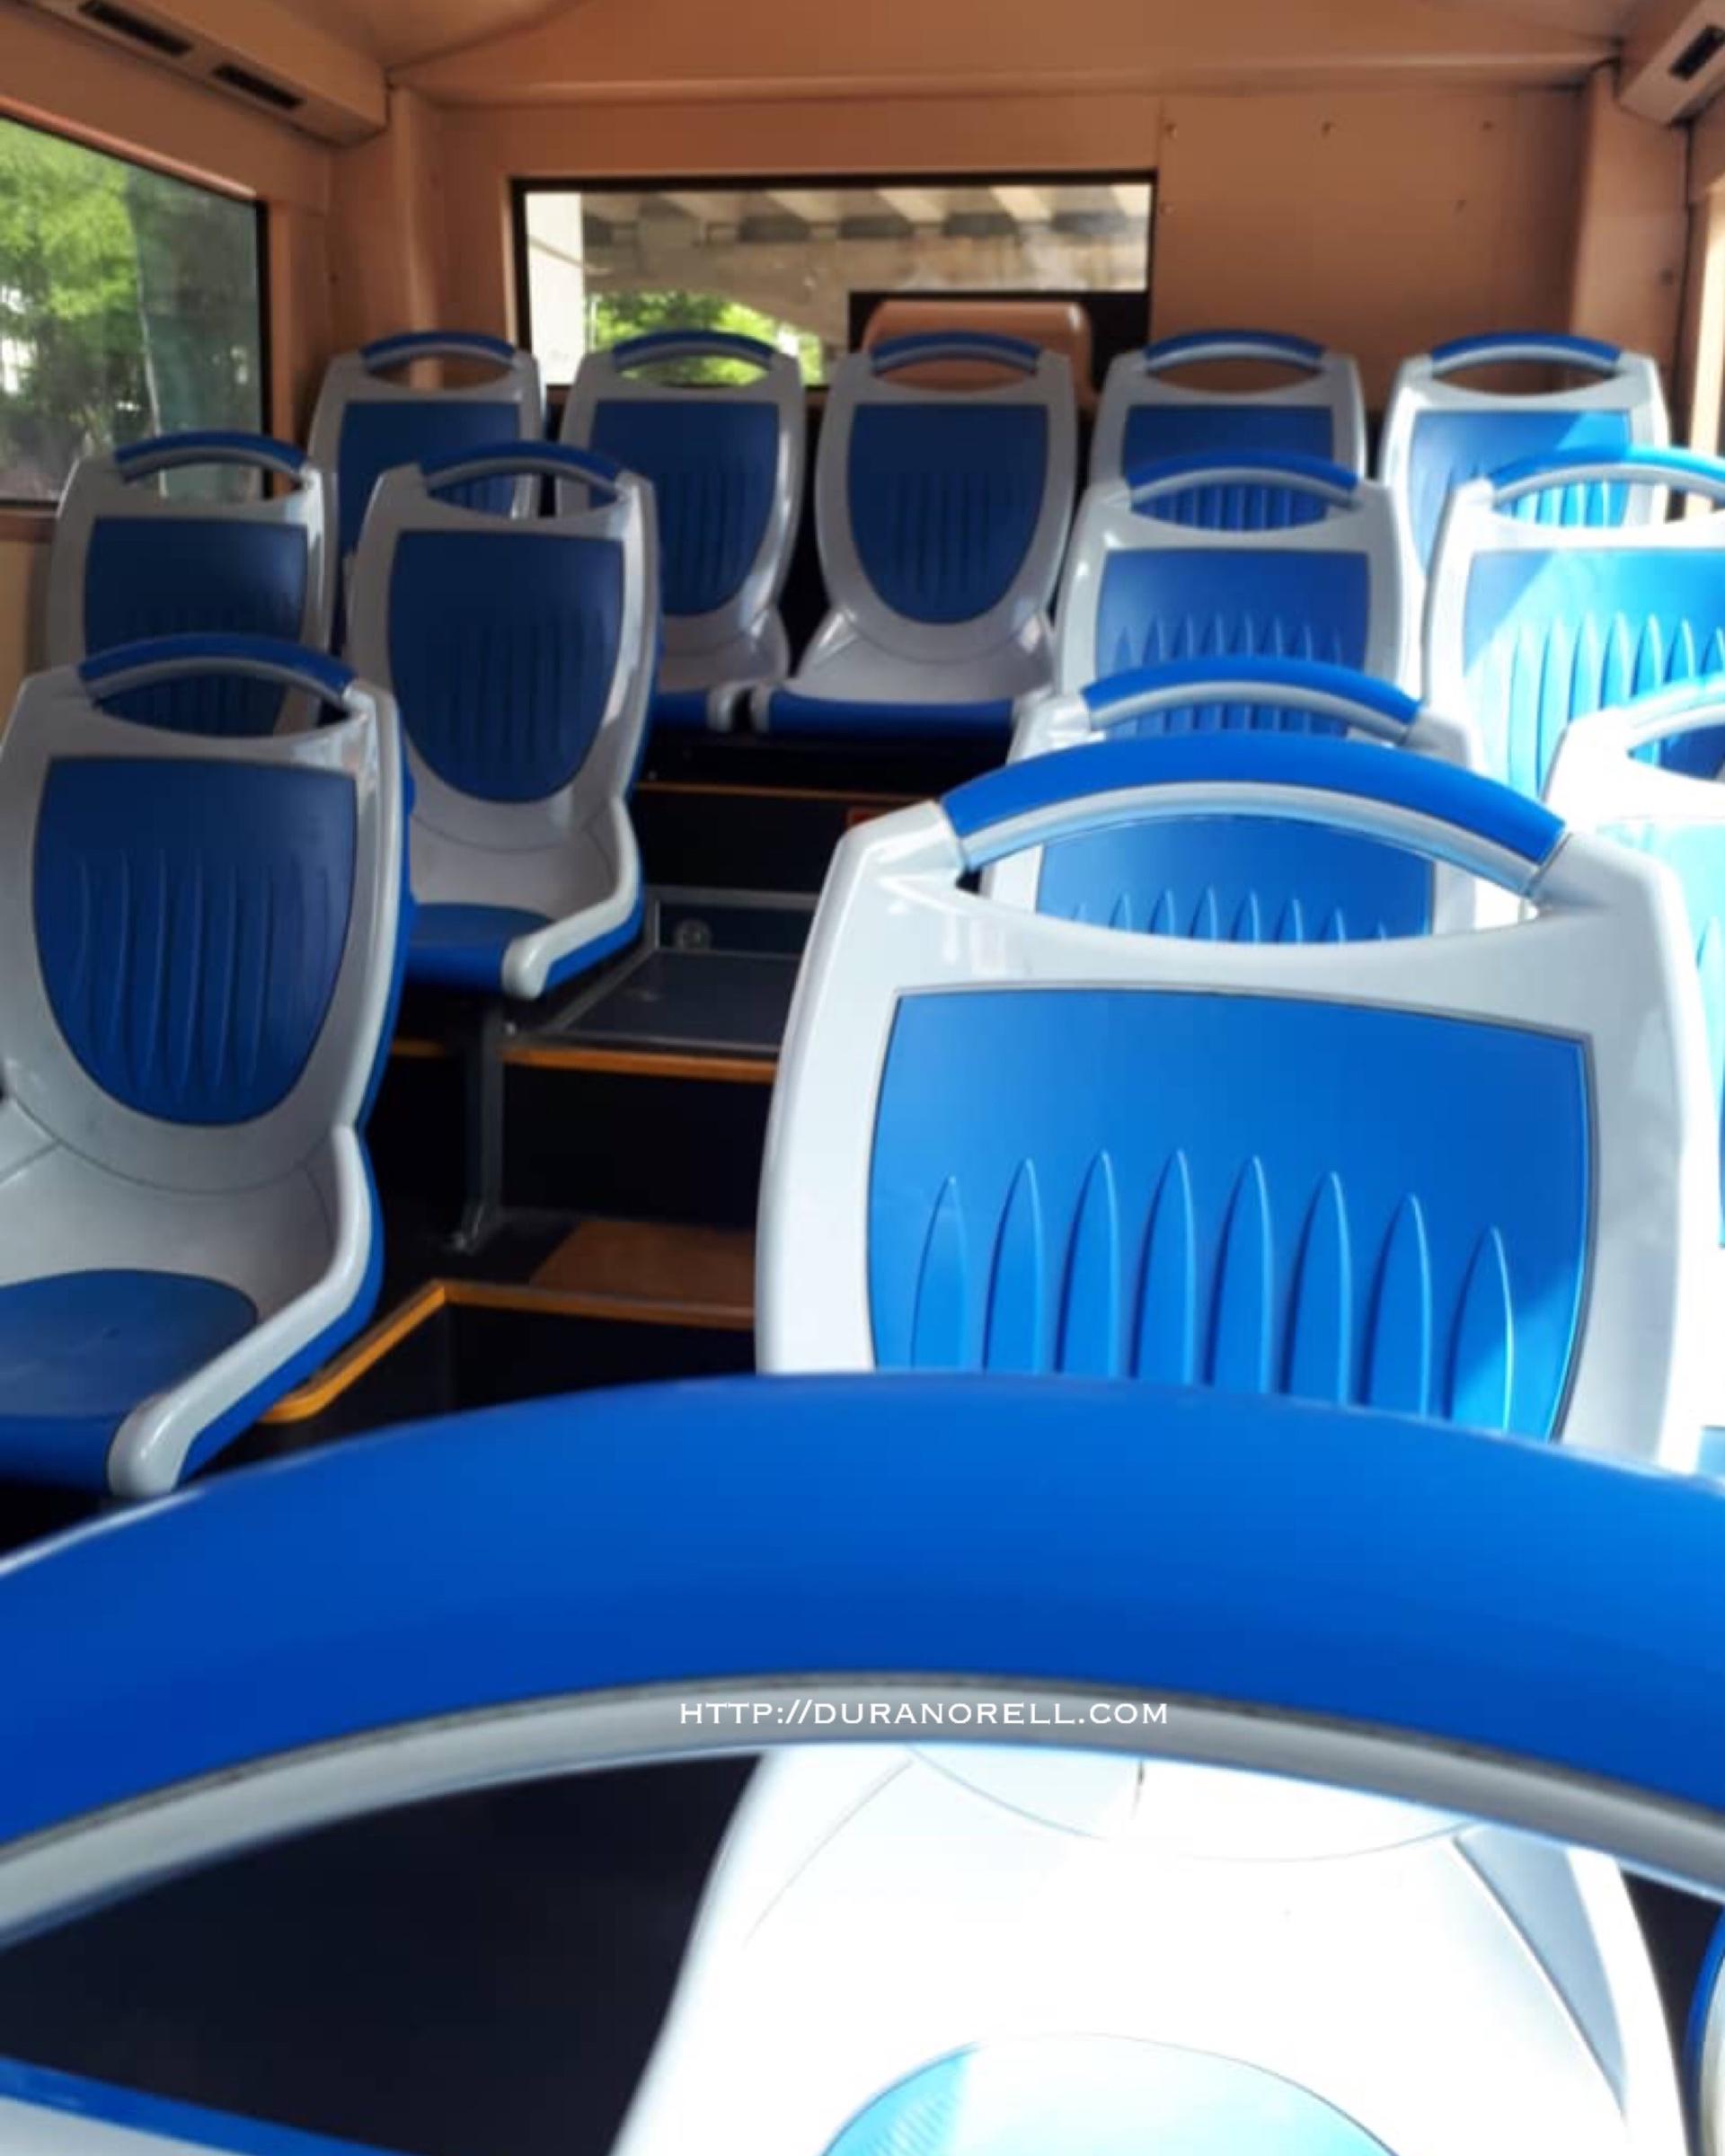 Bas Percuma GOKL Turquoise Line LRT Dato' Keramat